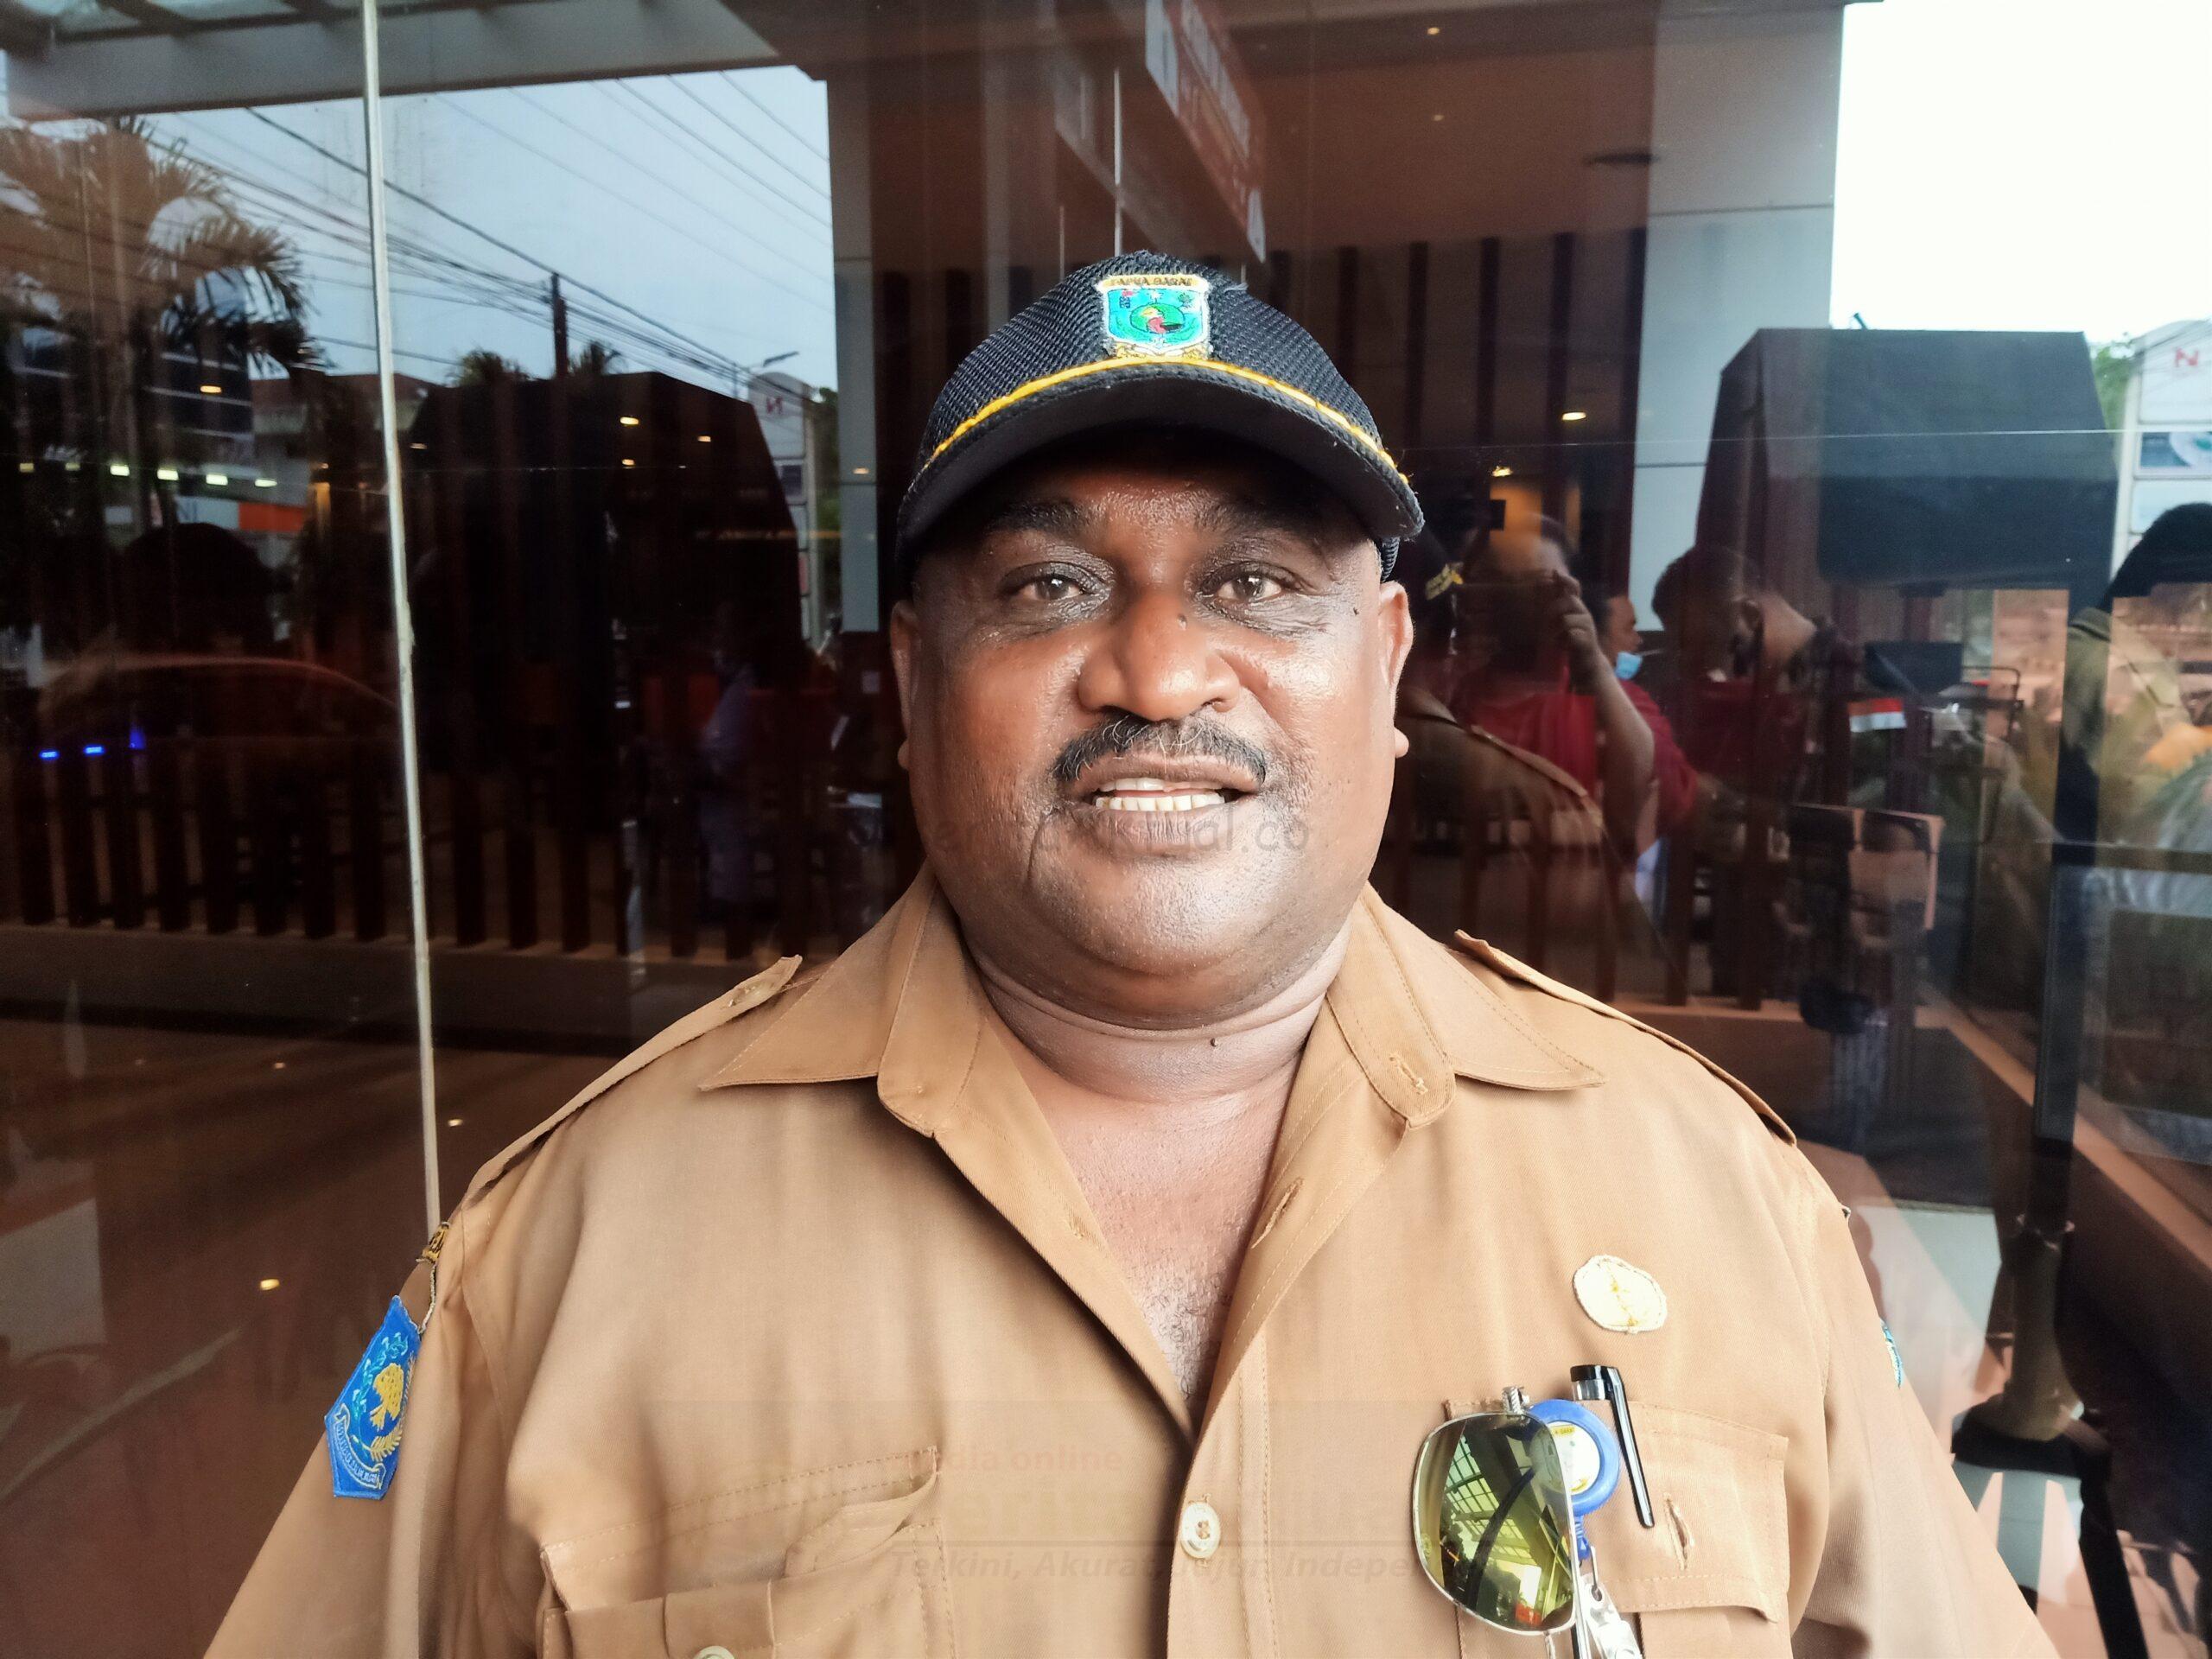 Dinsos Papua Barat, Salurkan Dana KPM dan BST Untuk 39.905 KK 4 IMG20210104164305 scaled